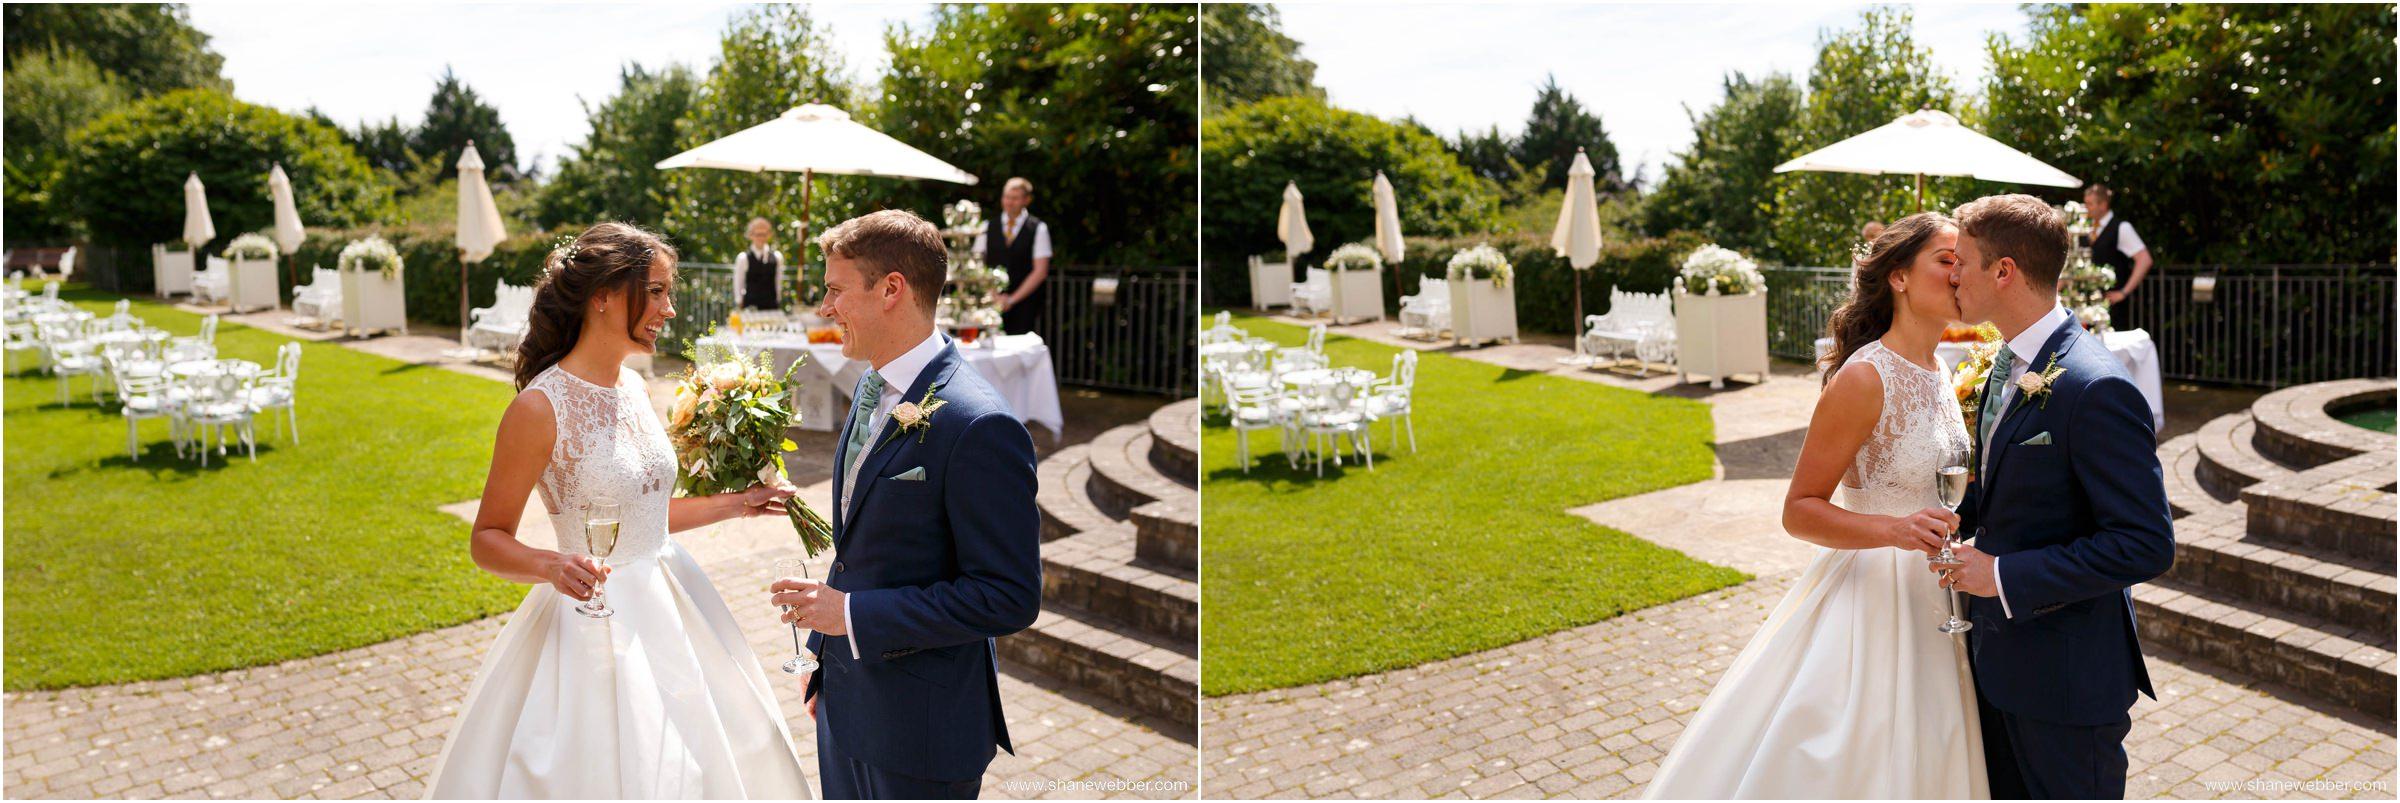 grange over sands hotel wedding